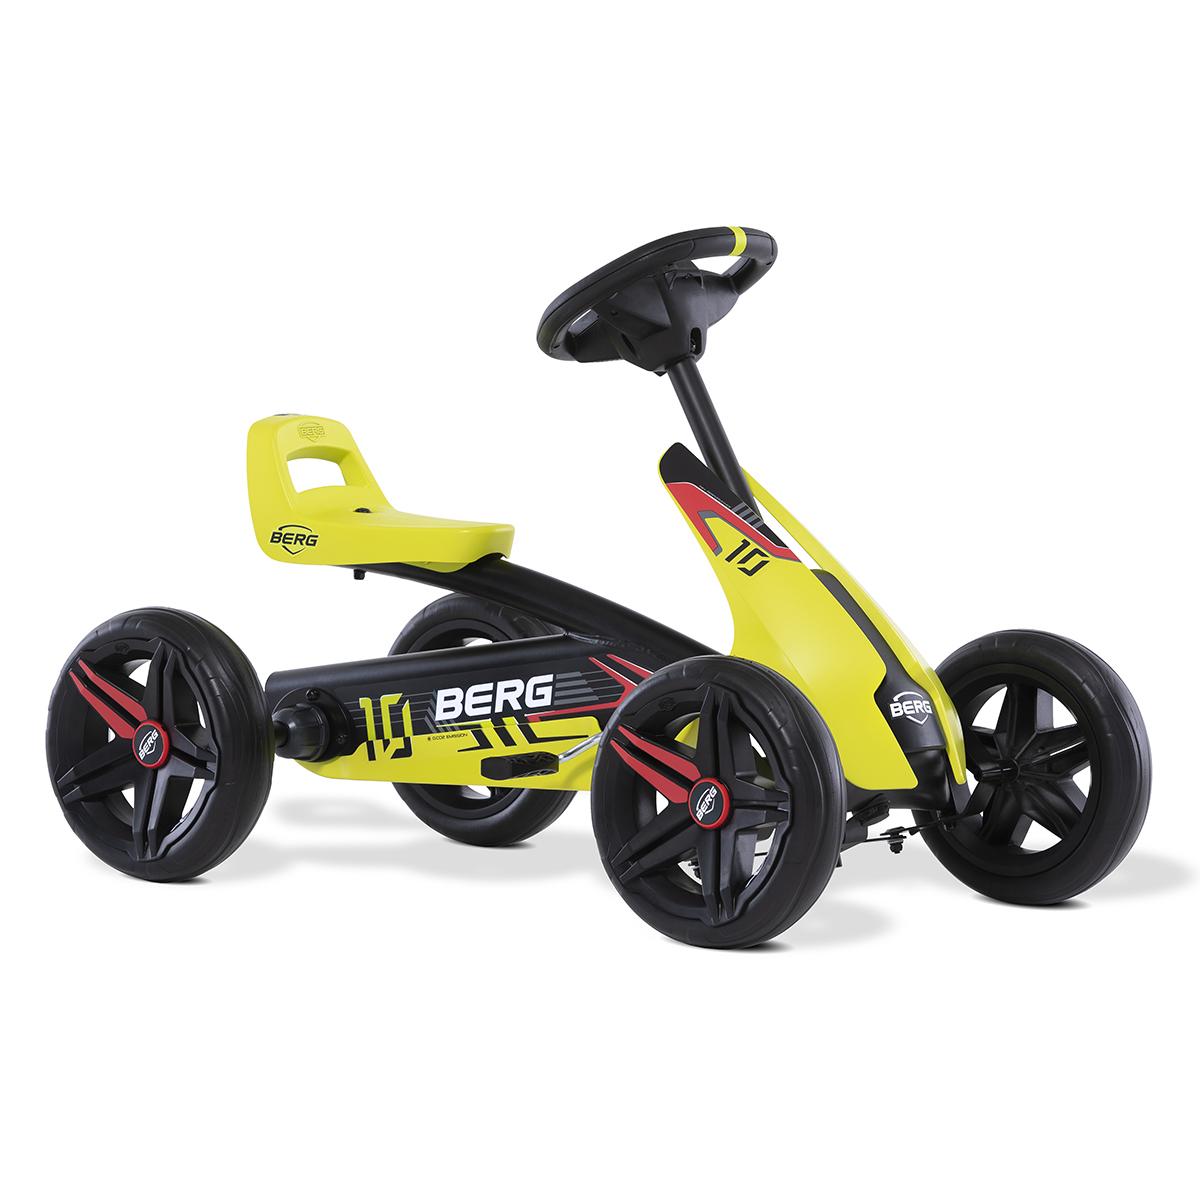 Kart à pédales Berg Buzzy Aero - De 2 à 5 ans